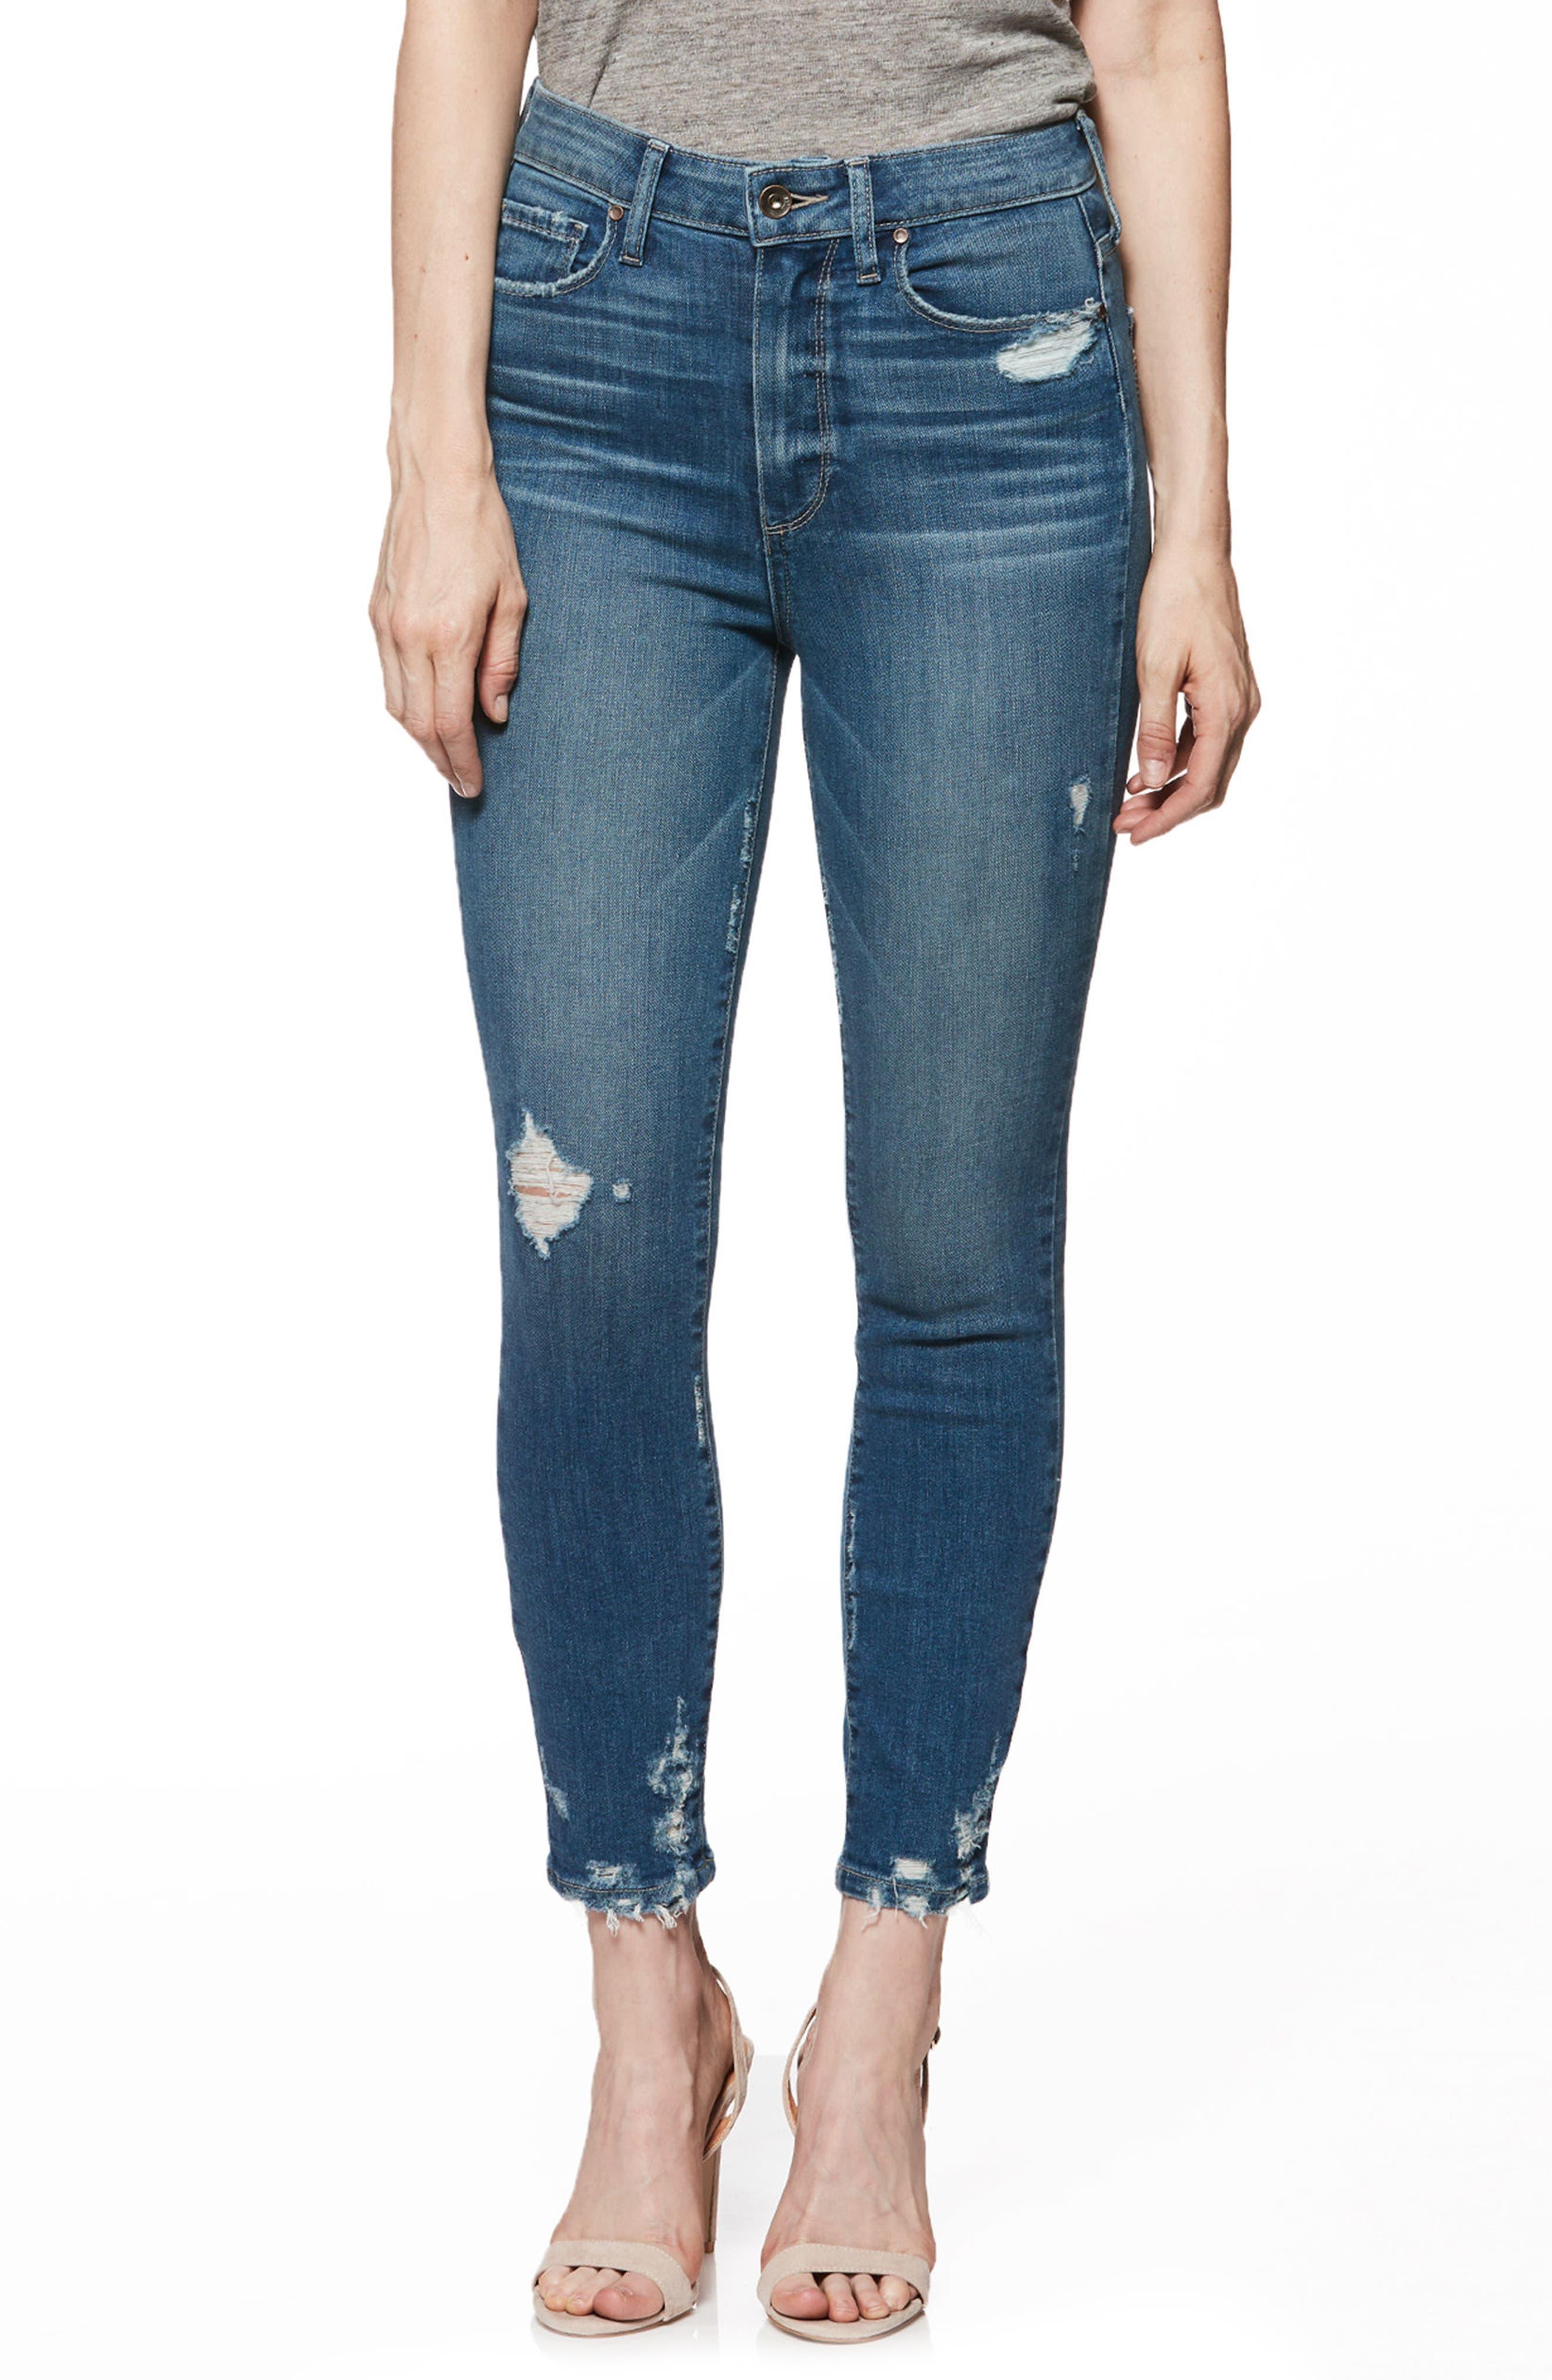 Transcend Vintage - Margot High Waist Crop Skinny Jeans,                         Main,                         color, Ashby Destructed